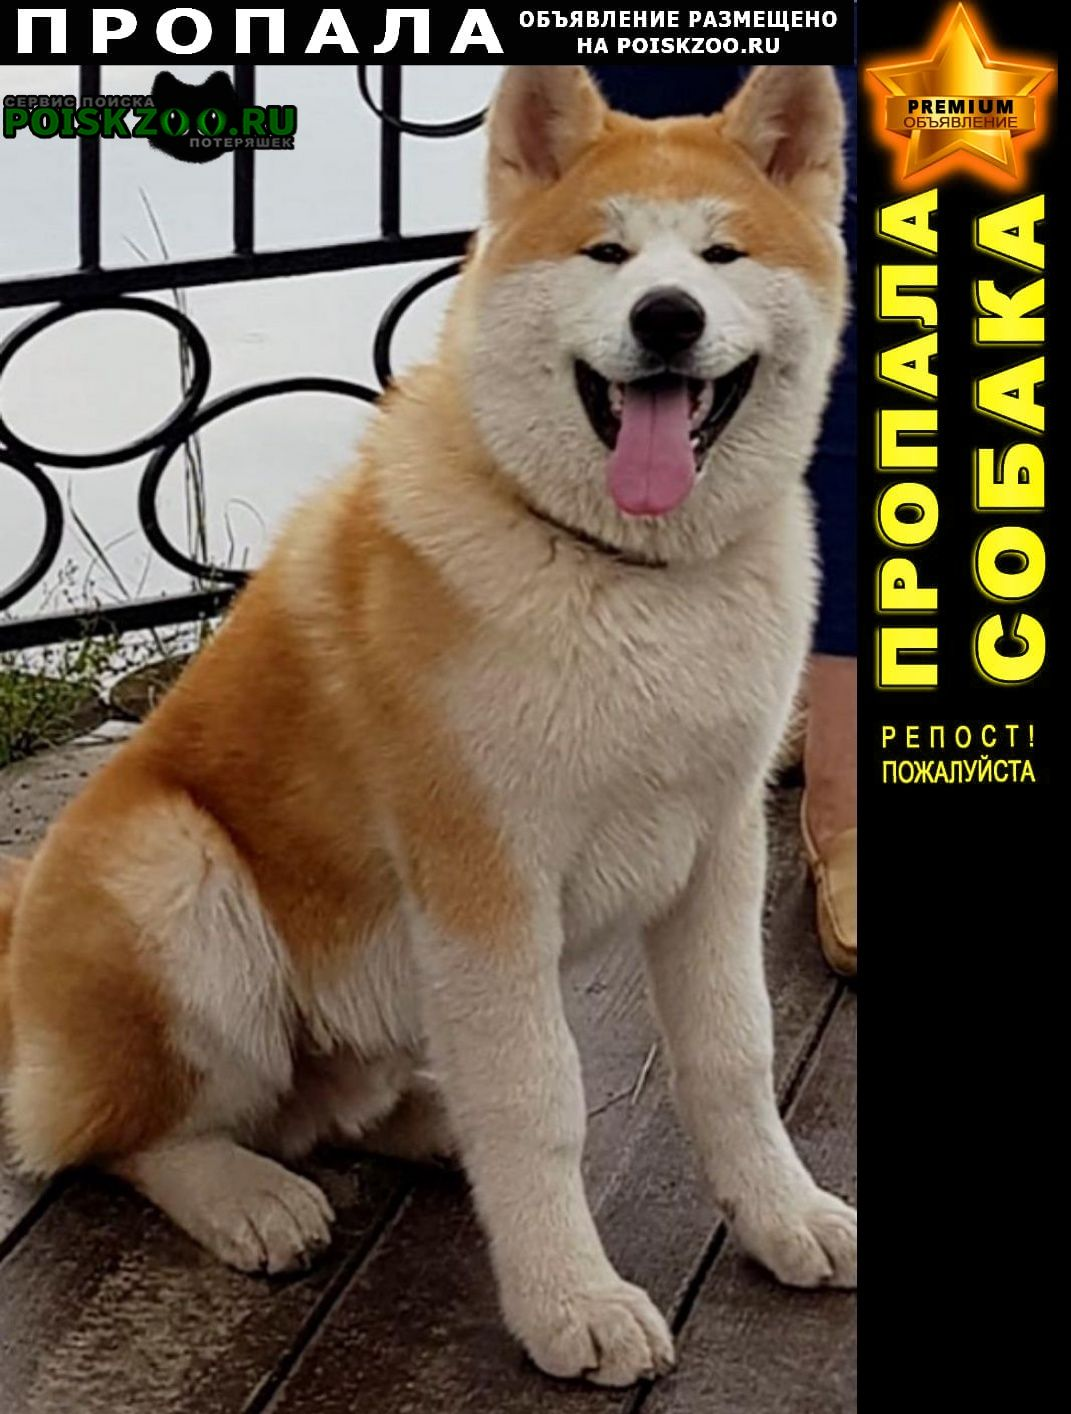 Пропала собака помогите вернуть питомца Красногорск